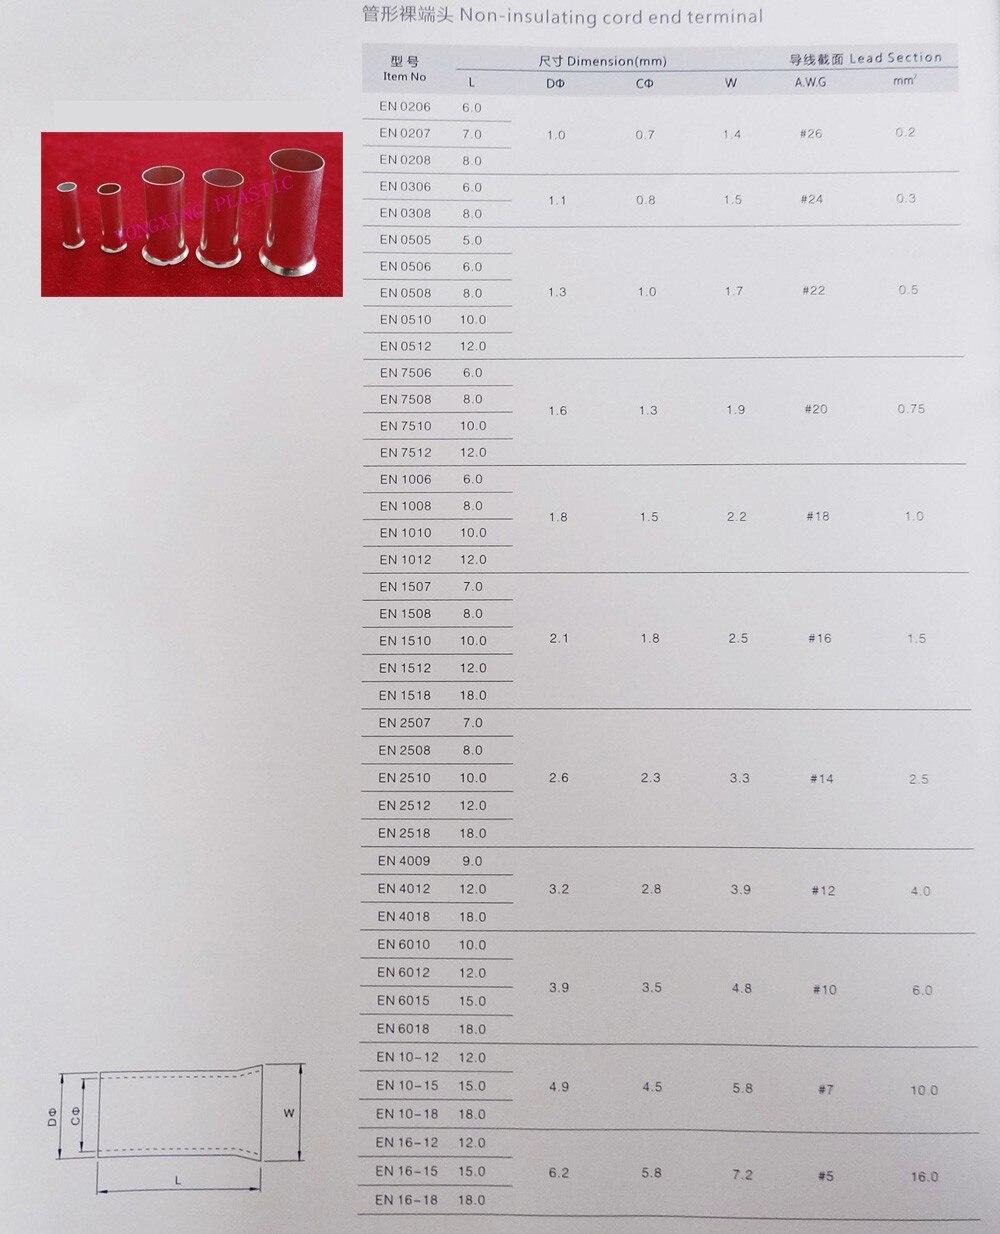 1000 шт./лот EN6012 10AWG 6 квадратных метров конец шнура изолирующий контакт провода наконечники